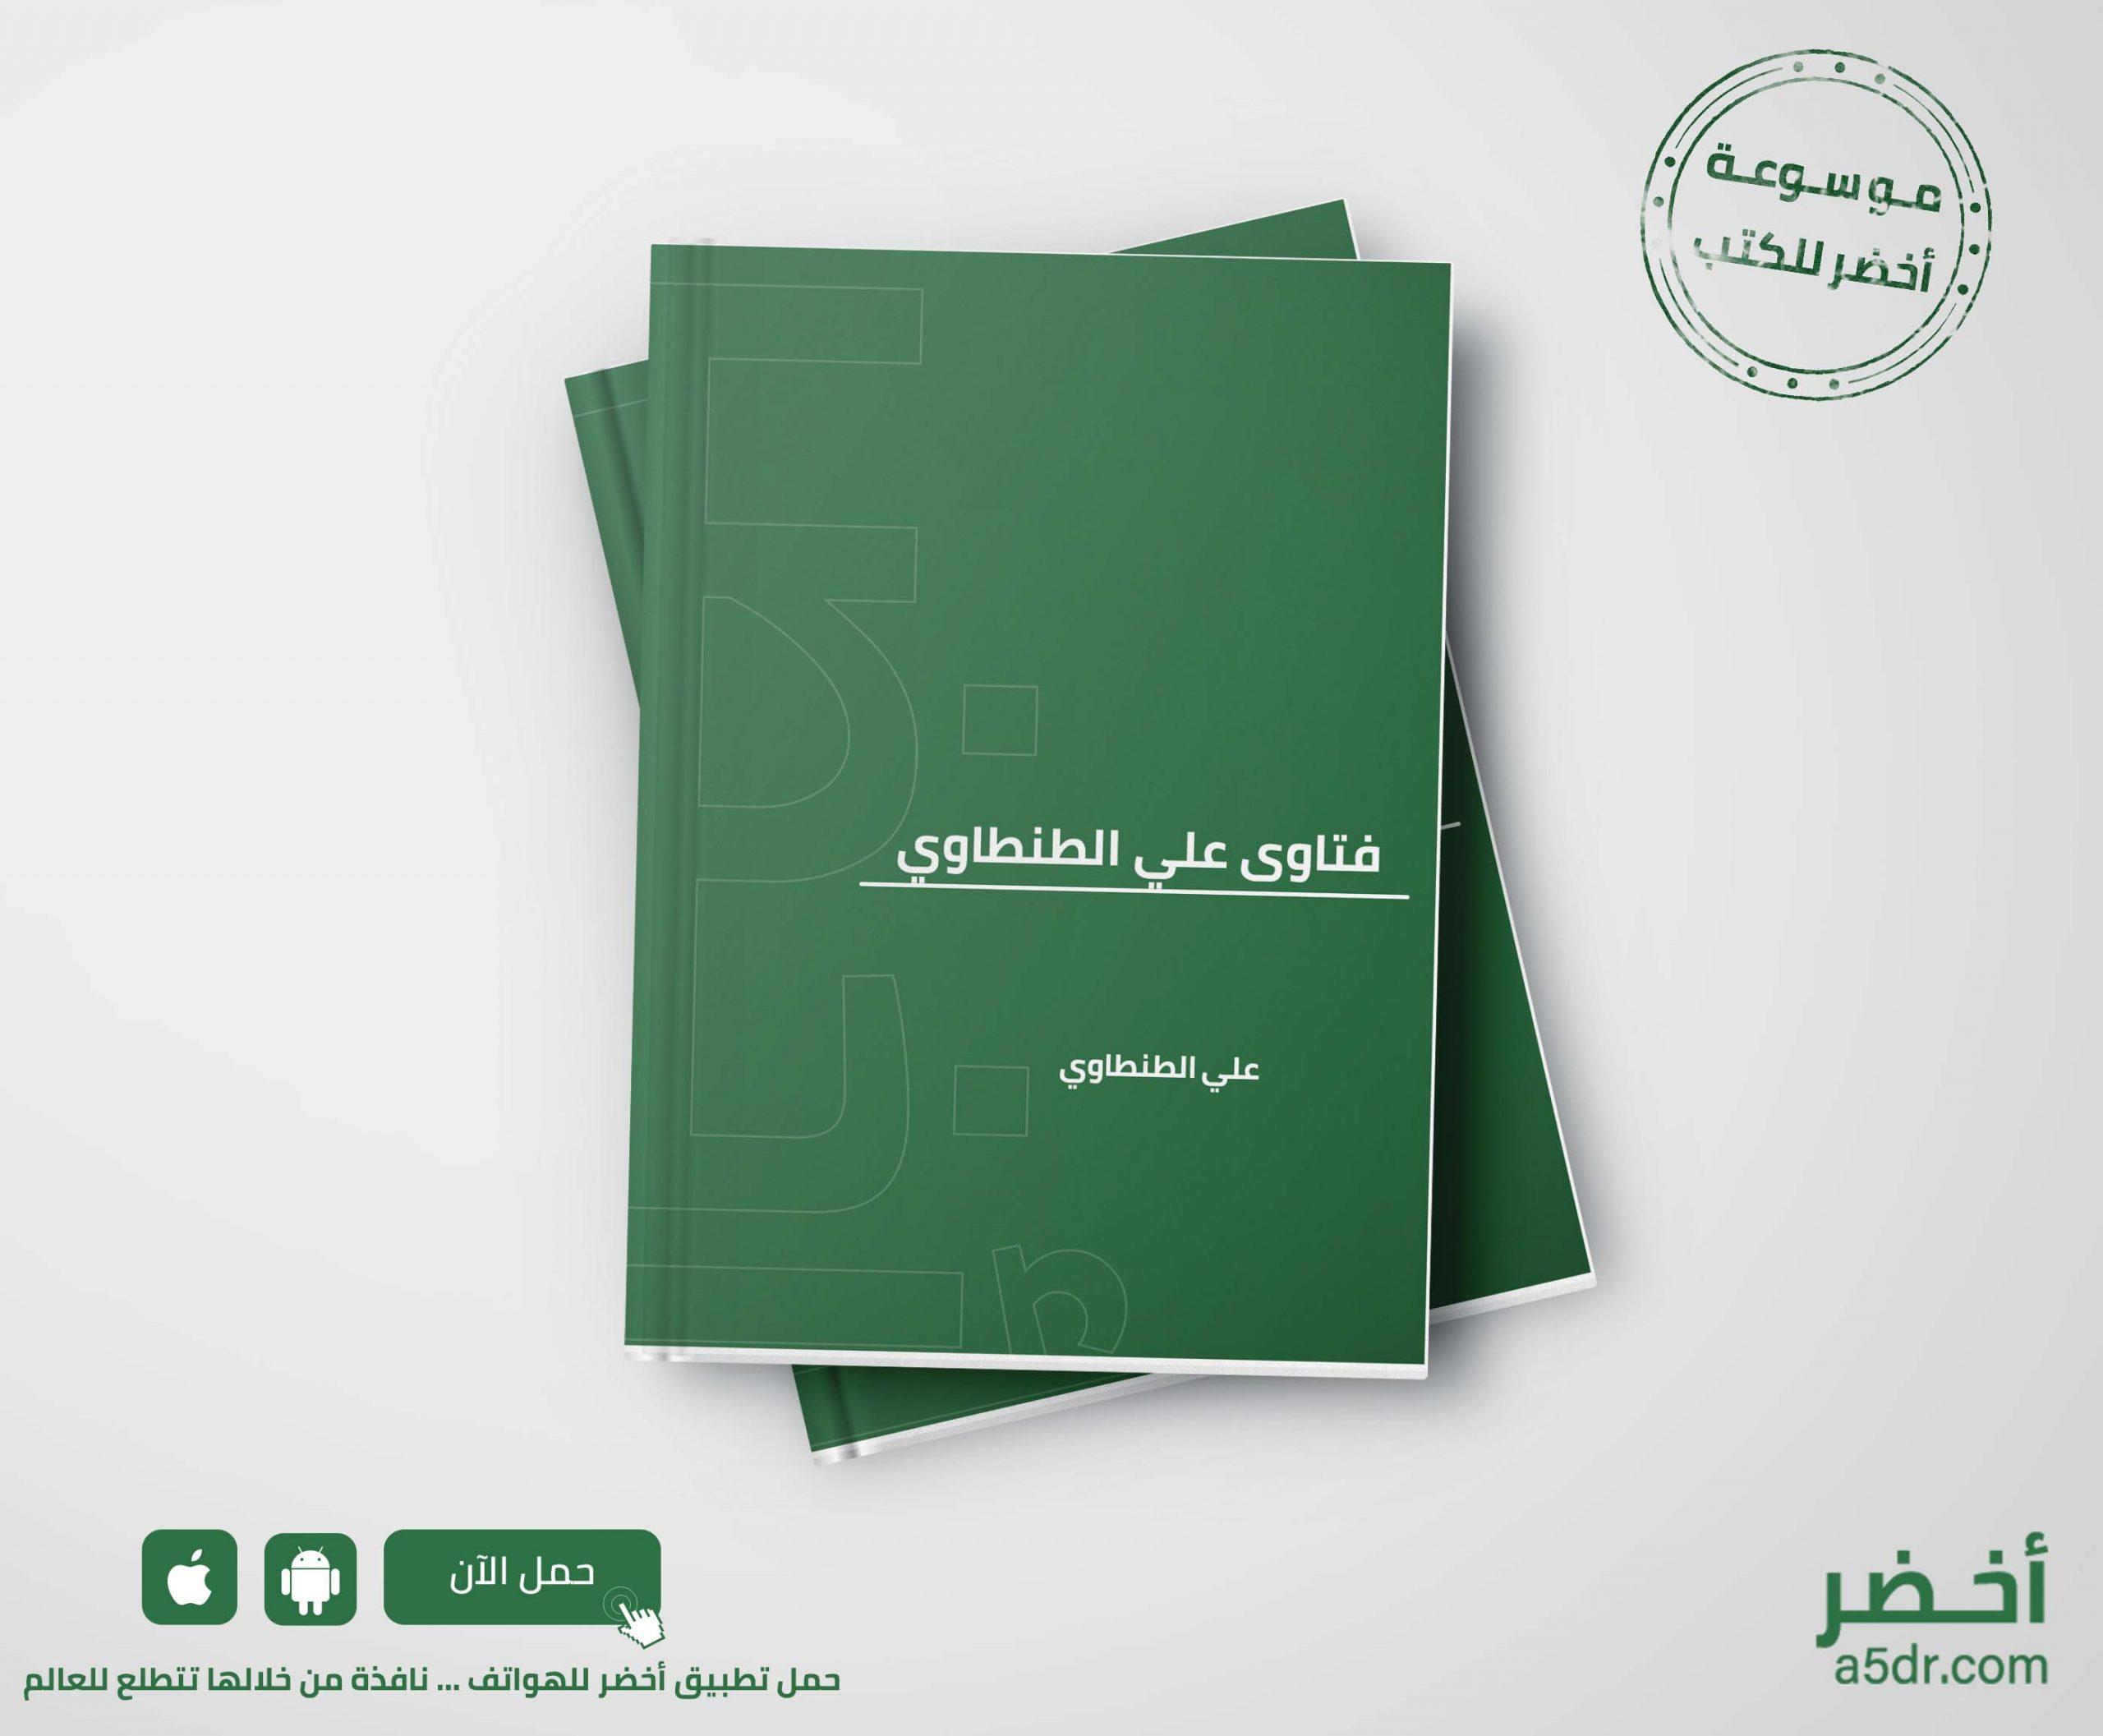 كتاب فتاوى علي الطنطاوي - علي الطنطاوي